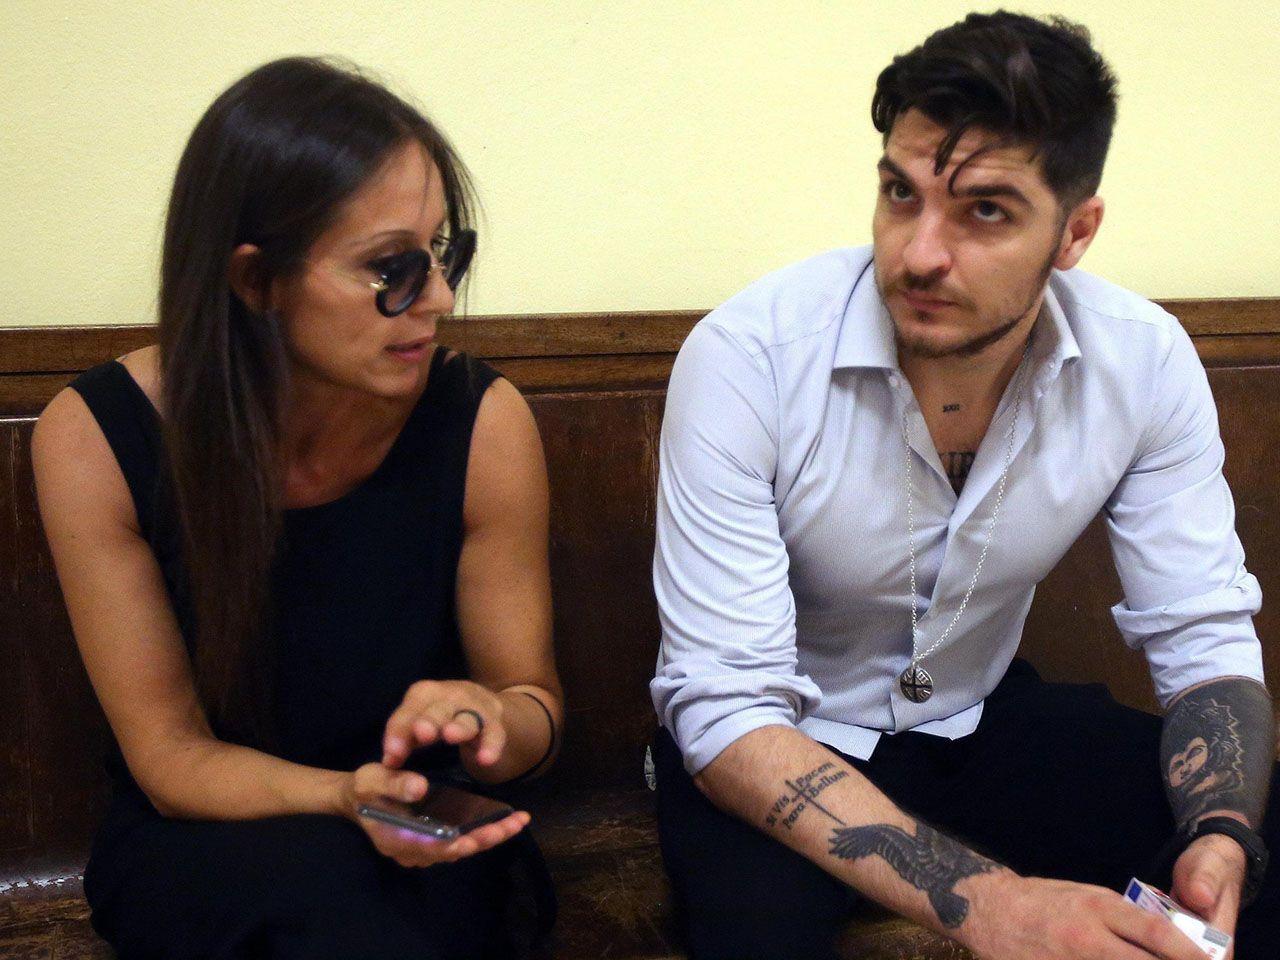 Luigi Favoloso lascia Nina Moric: 'Corona la ricatta, non posso accettarlo'. Ma lei: 'Tutto falso'